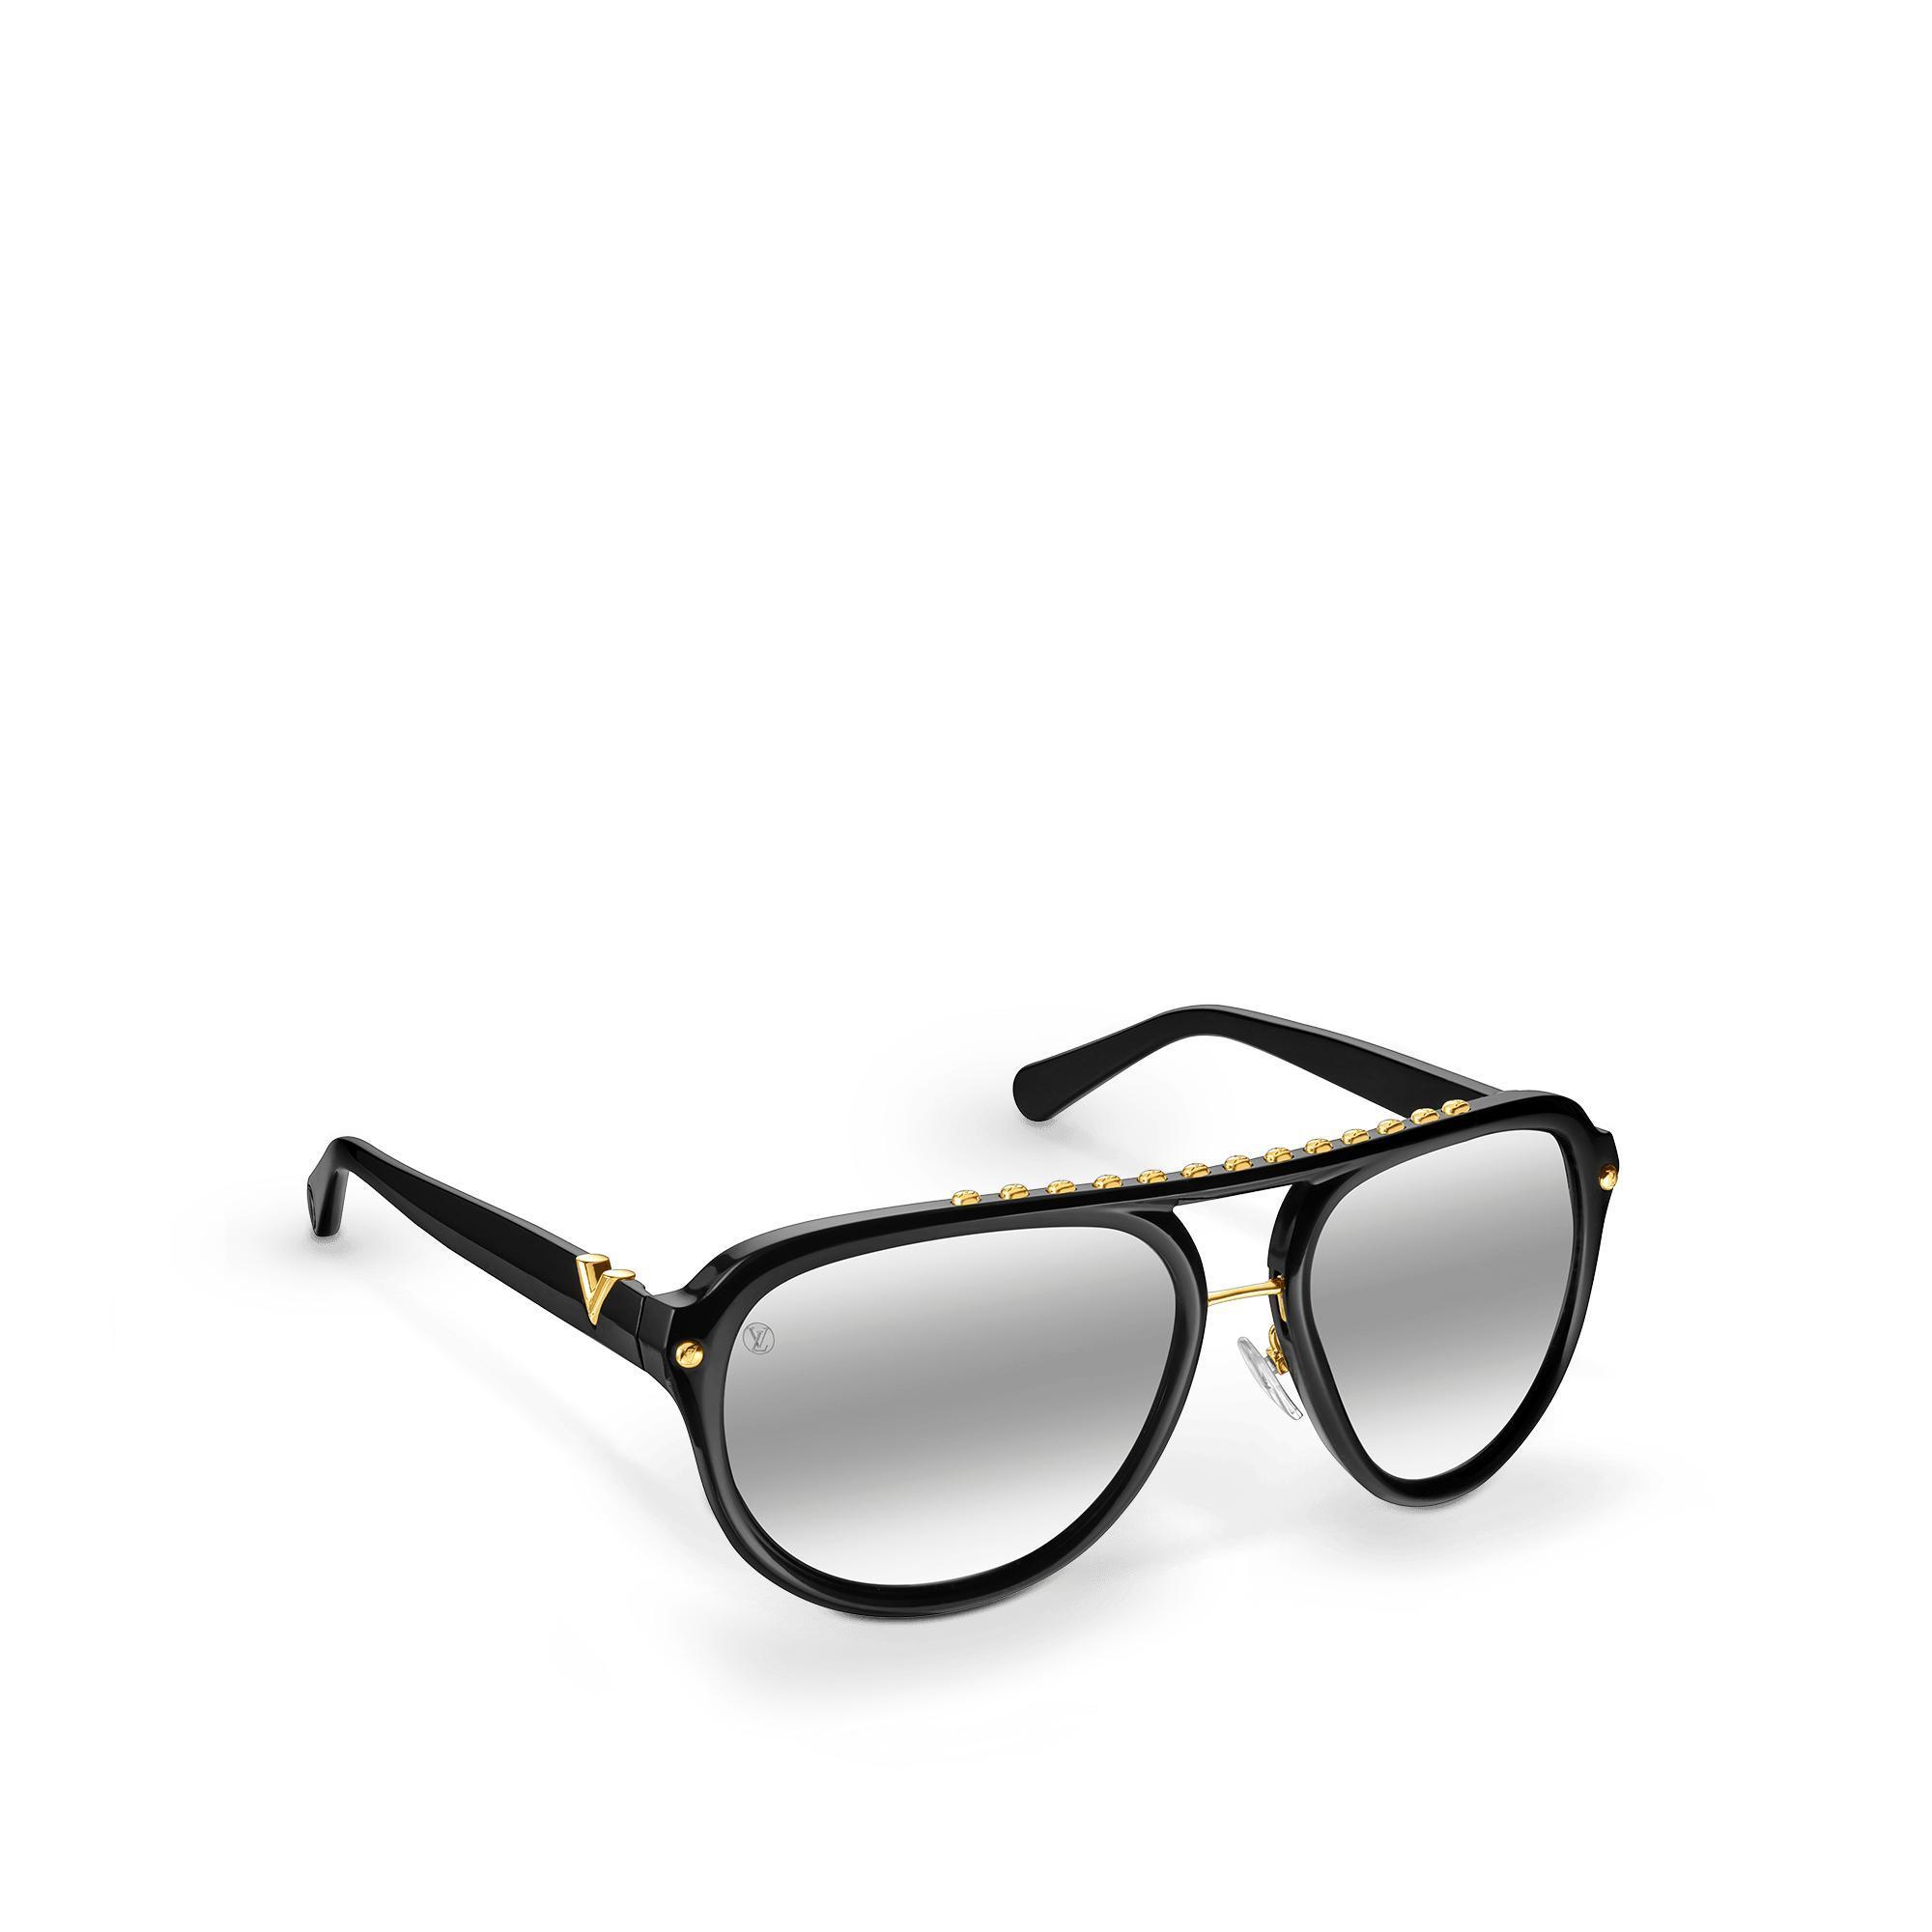 3a2e12cd57a Louis Vuitton Serpico Sunglasses | ModeSens